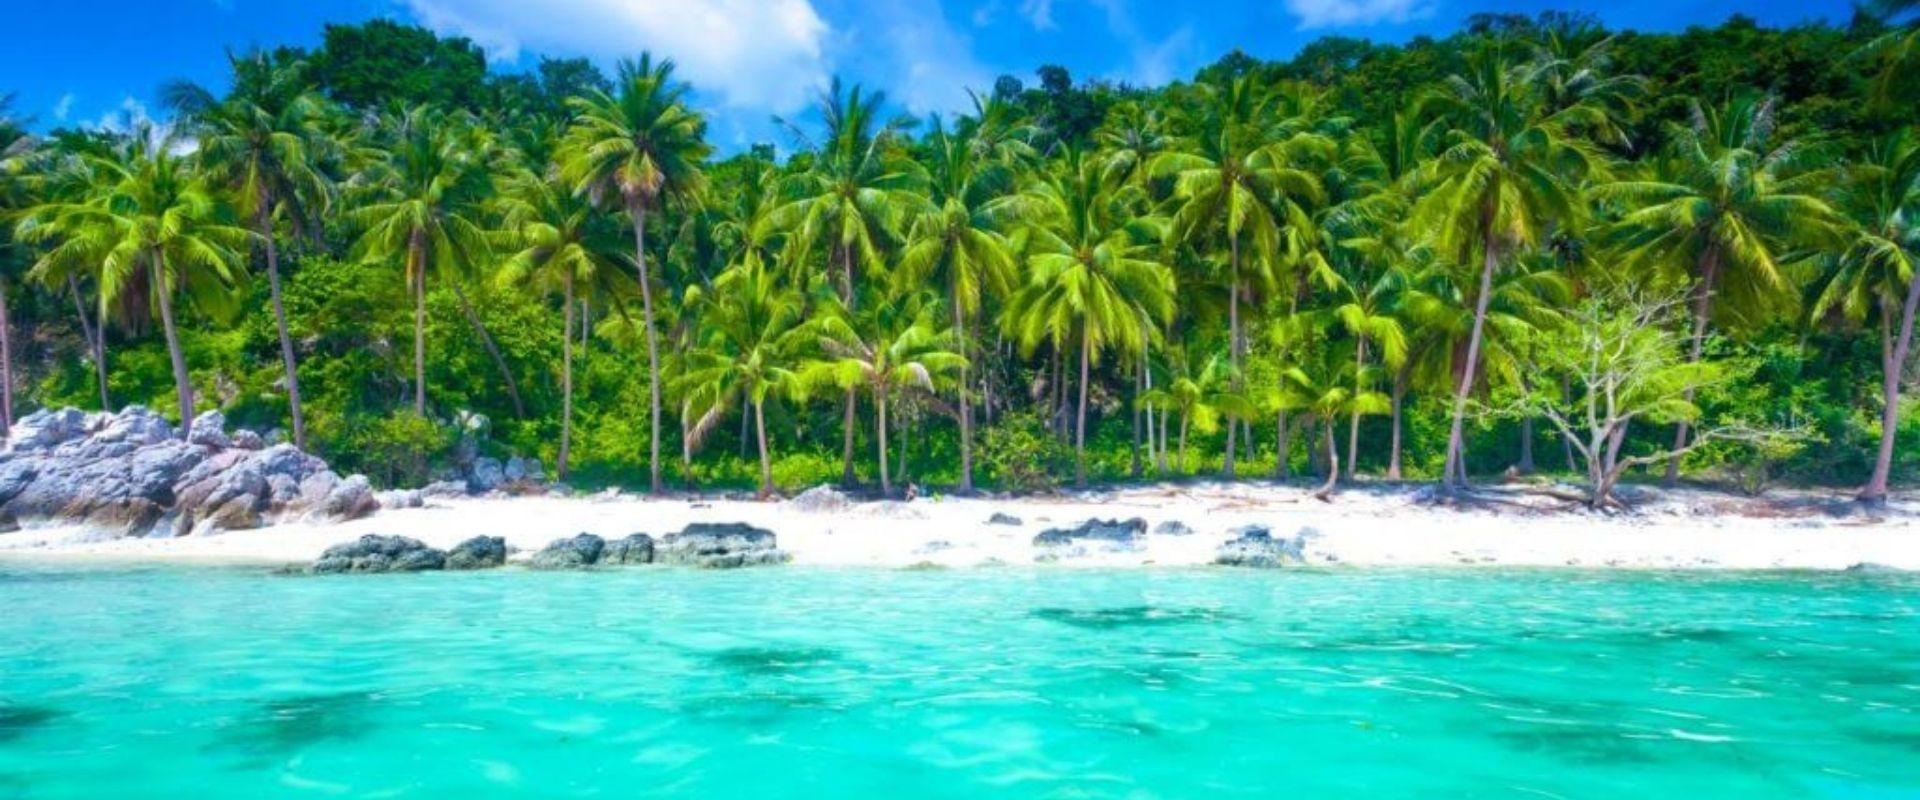 Khwan Beach Resort Koh Samui